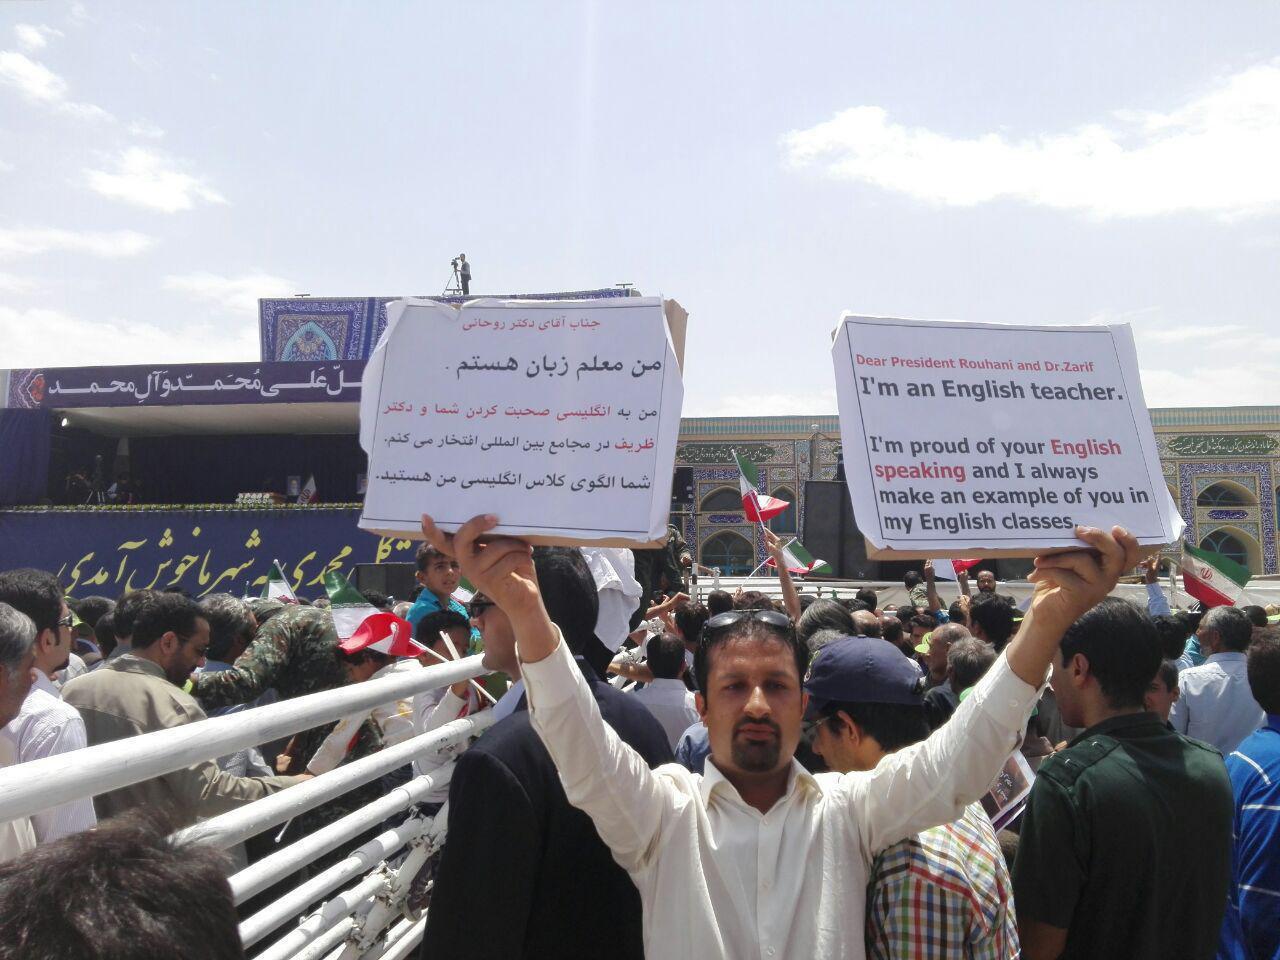 بیسوادی معلم زبانی که الگویش رییس جمهور است/ خاطره ضرغامی از جواب منفی رهبری به مدافع حرم افغانی